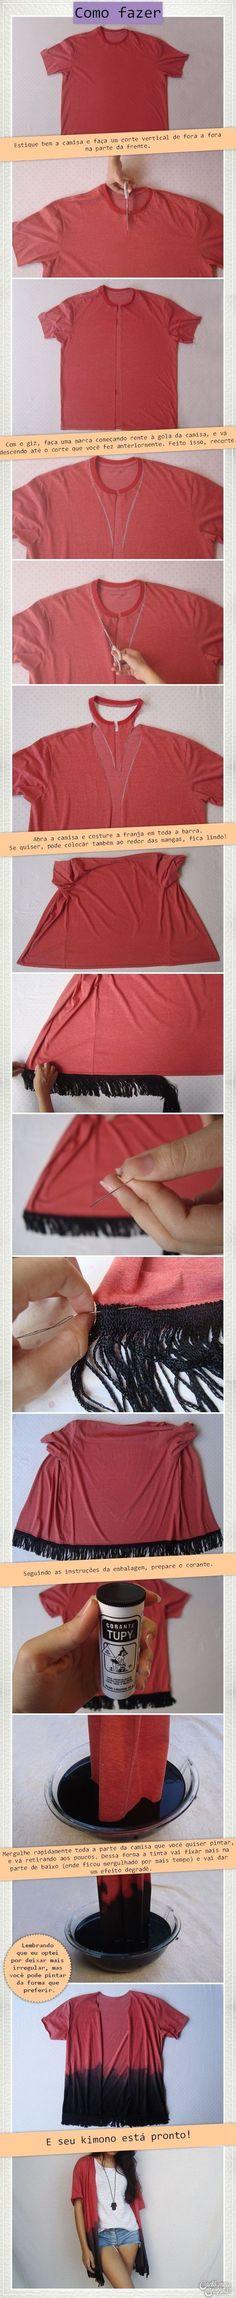 Tutoriales para re-decorar tu ropa